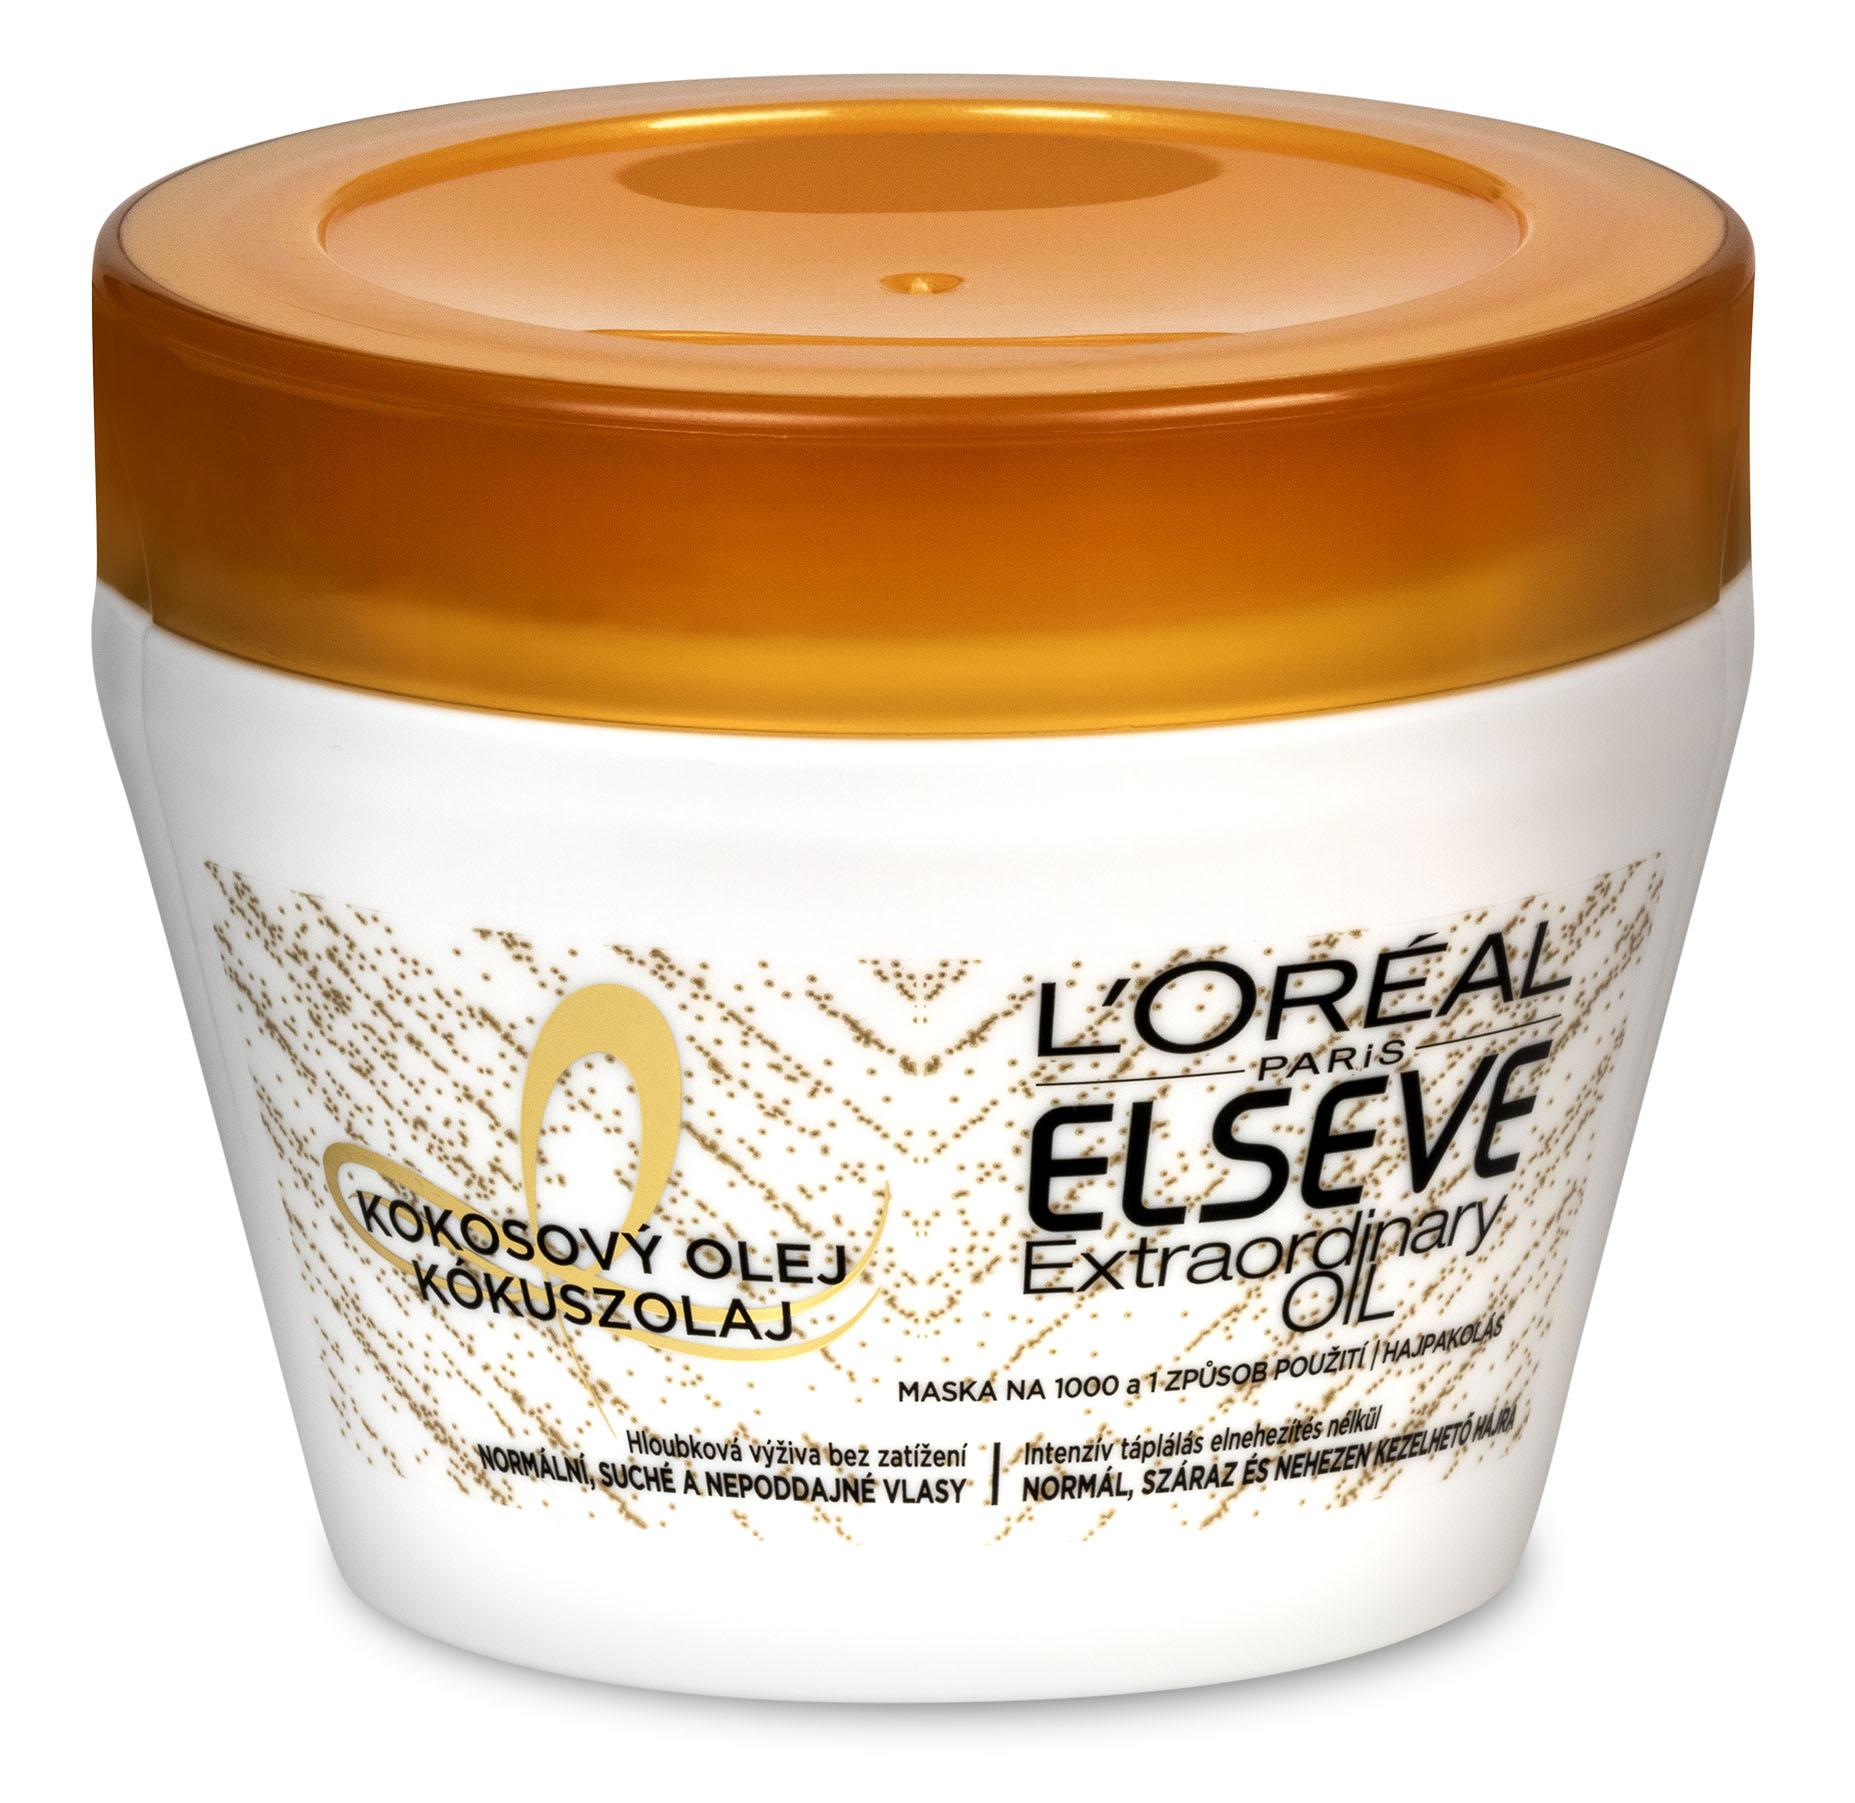 L'Oréal Paris Elseve Extraordinary Oil vyživující maska na vlasy 300 ml